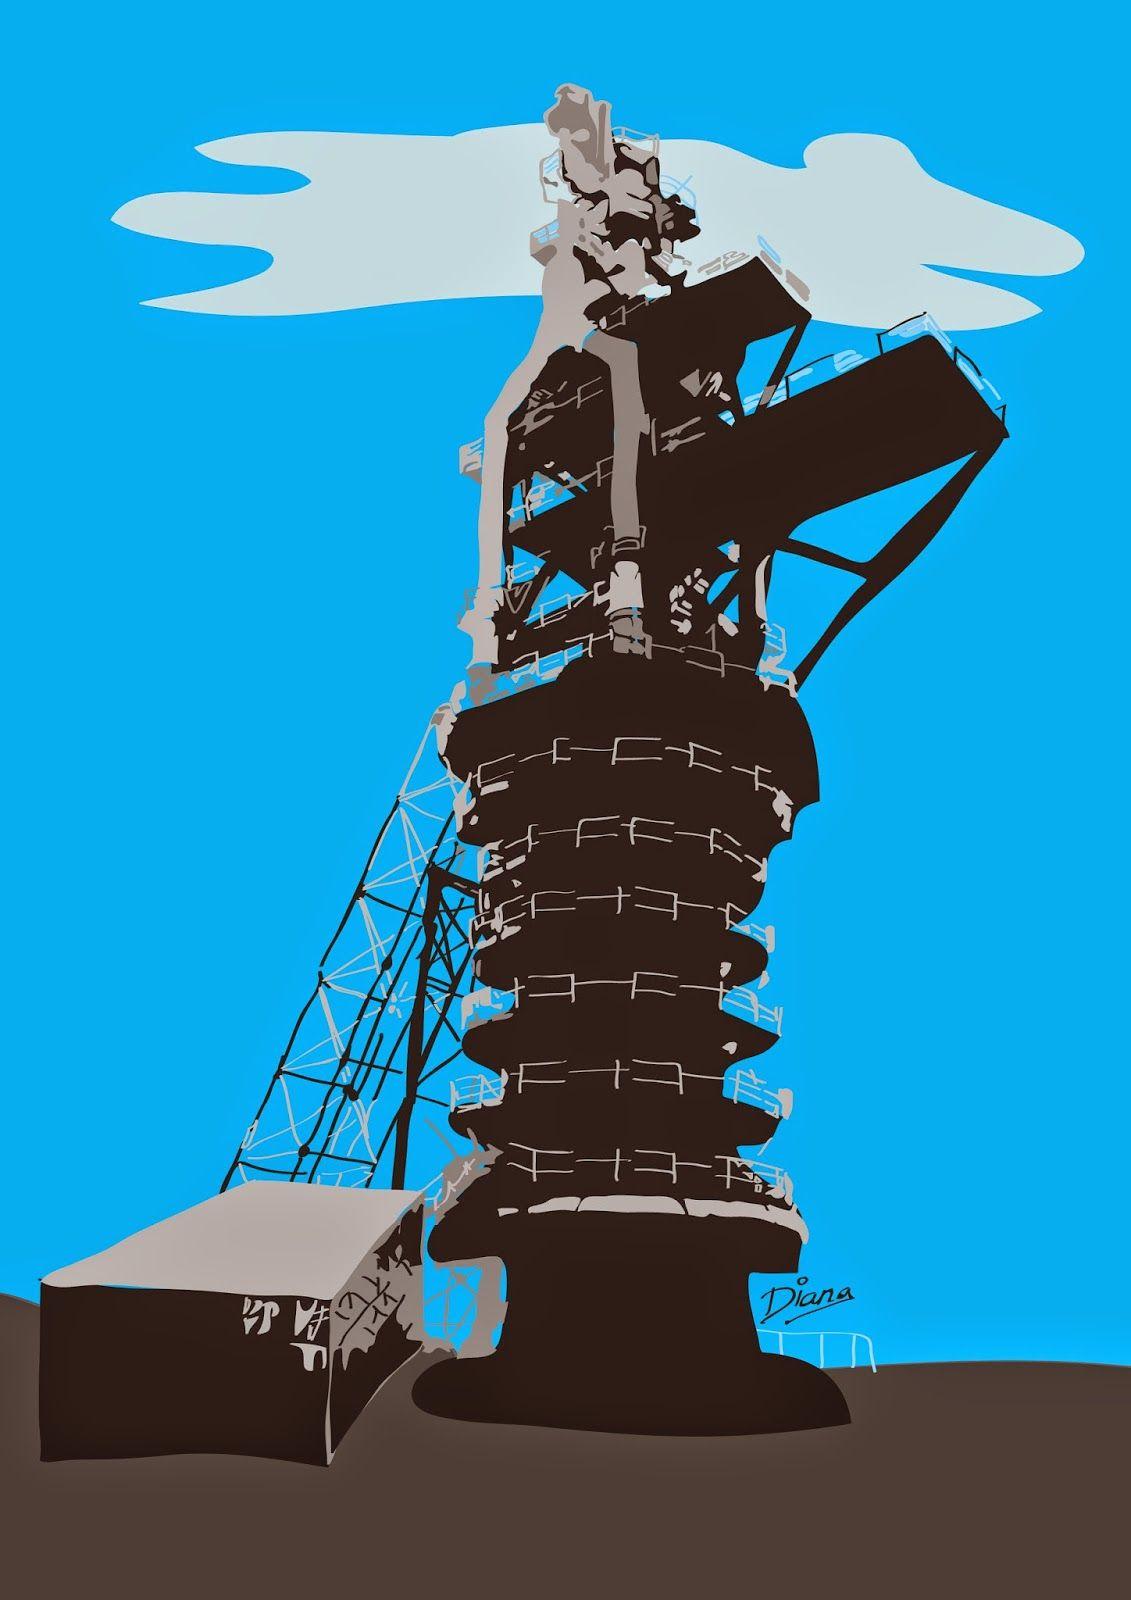 Patrimonio Industrial Arquitectónico Mis Dibujos Industriales Alto Horno Nº 2 De Puerto De Sagunto Dibujos Industrial Alto Horno